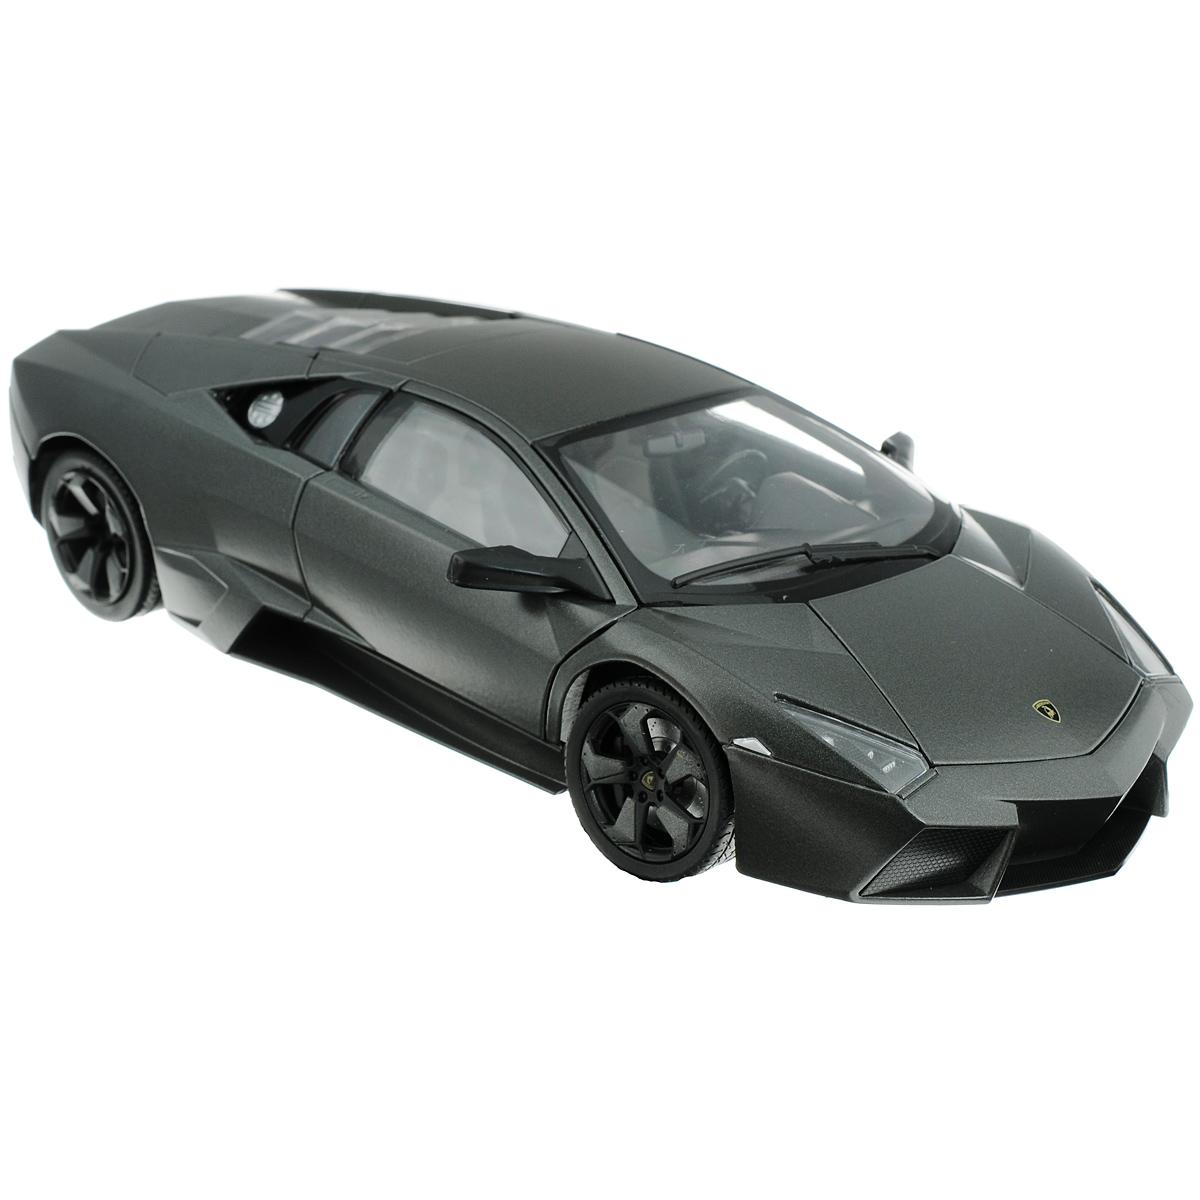 MotorMax Модель автомобиля Lamborghini Reventon79155Коллекционная модель MotorMax Автомобиль Lamborghini Reventon для тех, кто любит роскошь и высокие скорости. Игрушка представляет собой копию одноименной машины фирмы Lamborghini. Машинка будет долго служить своему владельцу благодаря цельнометаллическому корпусу, отлитому из металла с элементами из пластика. Двери машины, капот и багажник открываются. При повороте руля изменяют свое направление колеса. Приятным бонусом станут шины из настоящей резины, обеспечивающие отличное сцепление с любой поверхностью пола. Модель помещена на пластиковую подставку с оригинальным названием машины. Ваш ребенок будет в восторге от такого подарка!